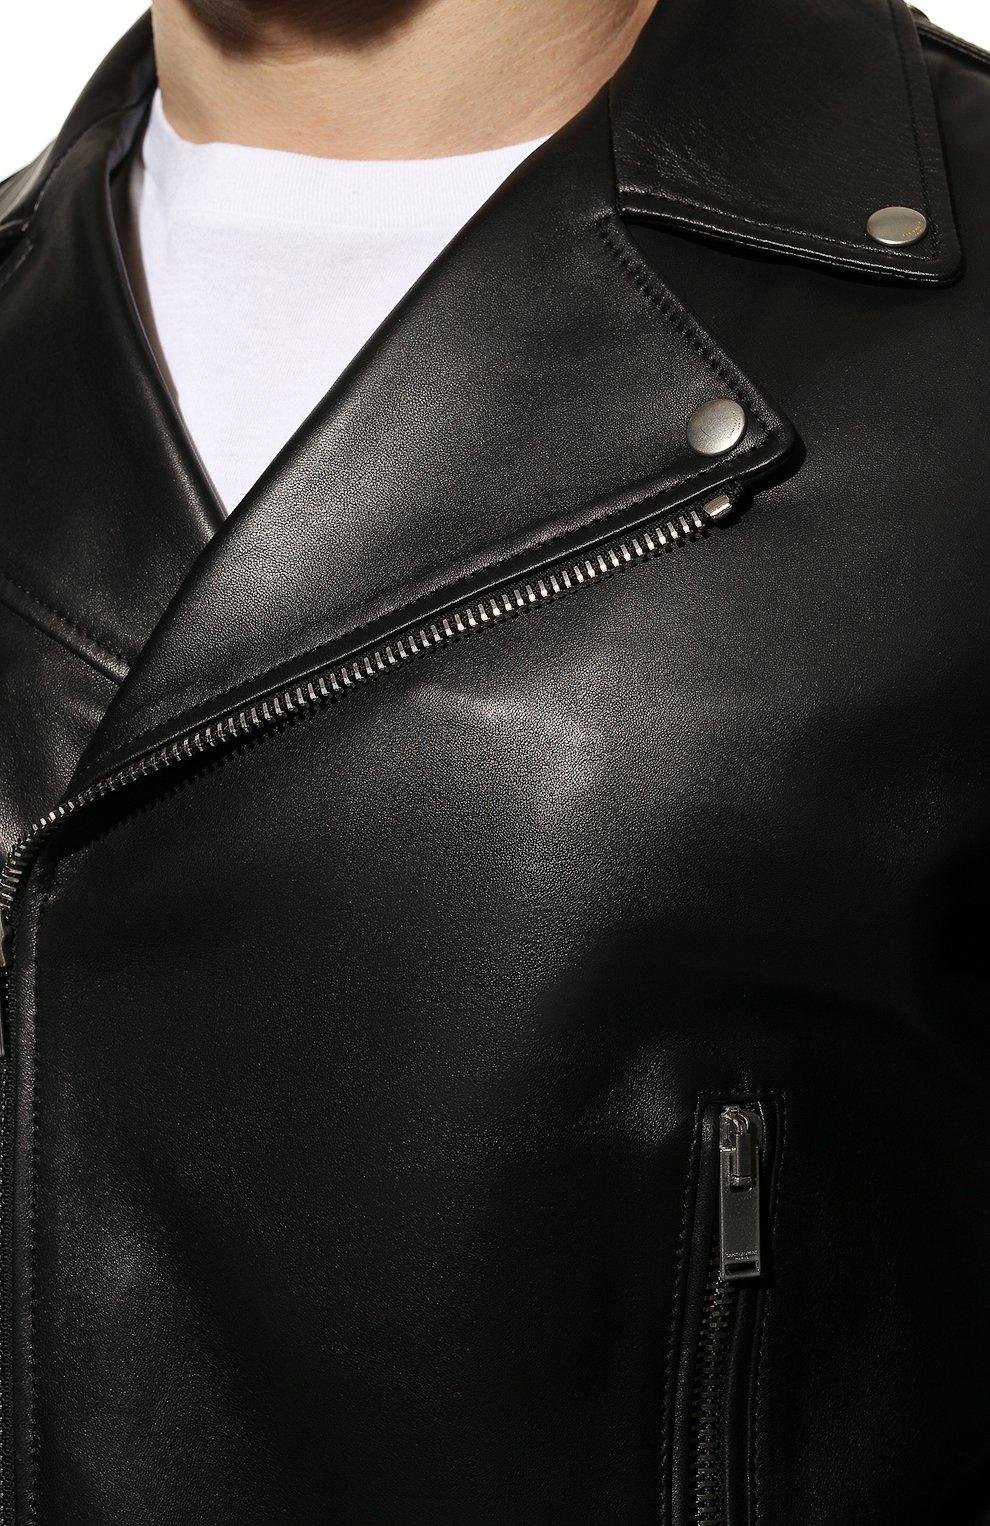 Мужская кожаная куртка SAINT LAURENT черного цвета, арт. 484284/Y5YA2 | Фото 5 (Кросс-КТ: Куртка; Рукава: Длинные; Мужское Кросс-КТ: Куртка-верхняя одежда, Верхняя одежда, Кожа и замша; Длина (верхняя одежда): Короткие; Материал подклада: Купро; Статус проверки: Проверена категория)